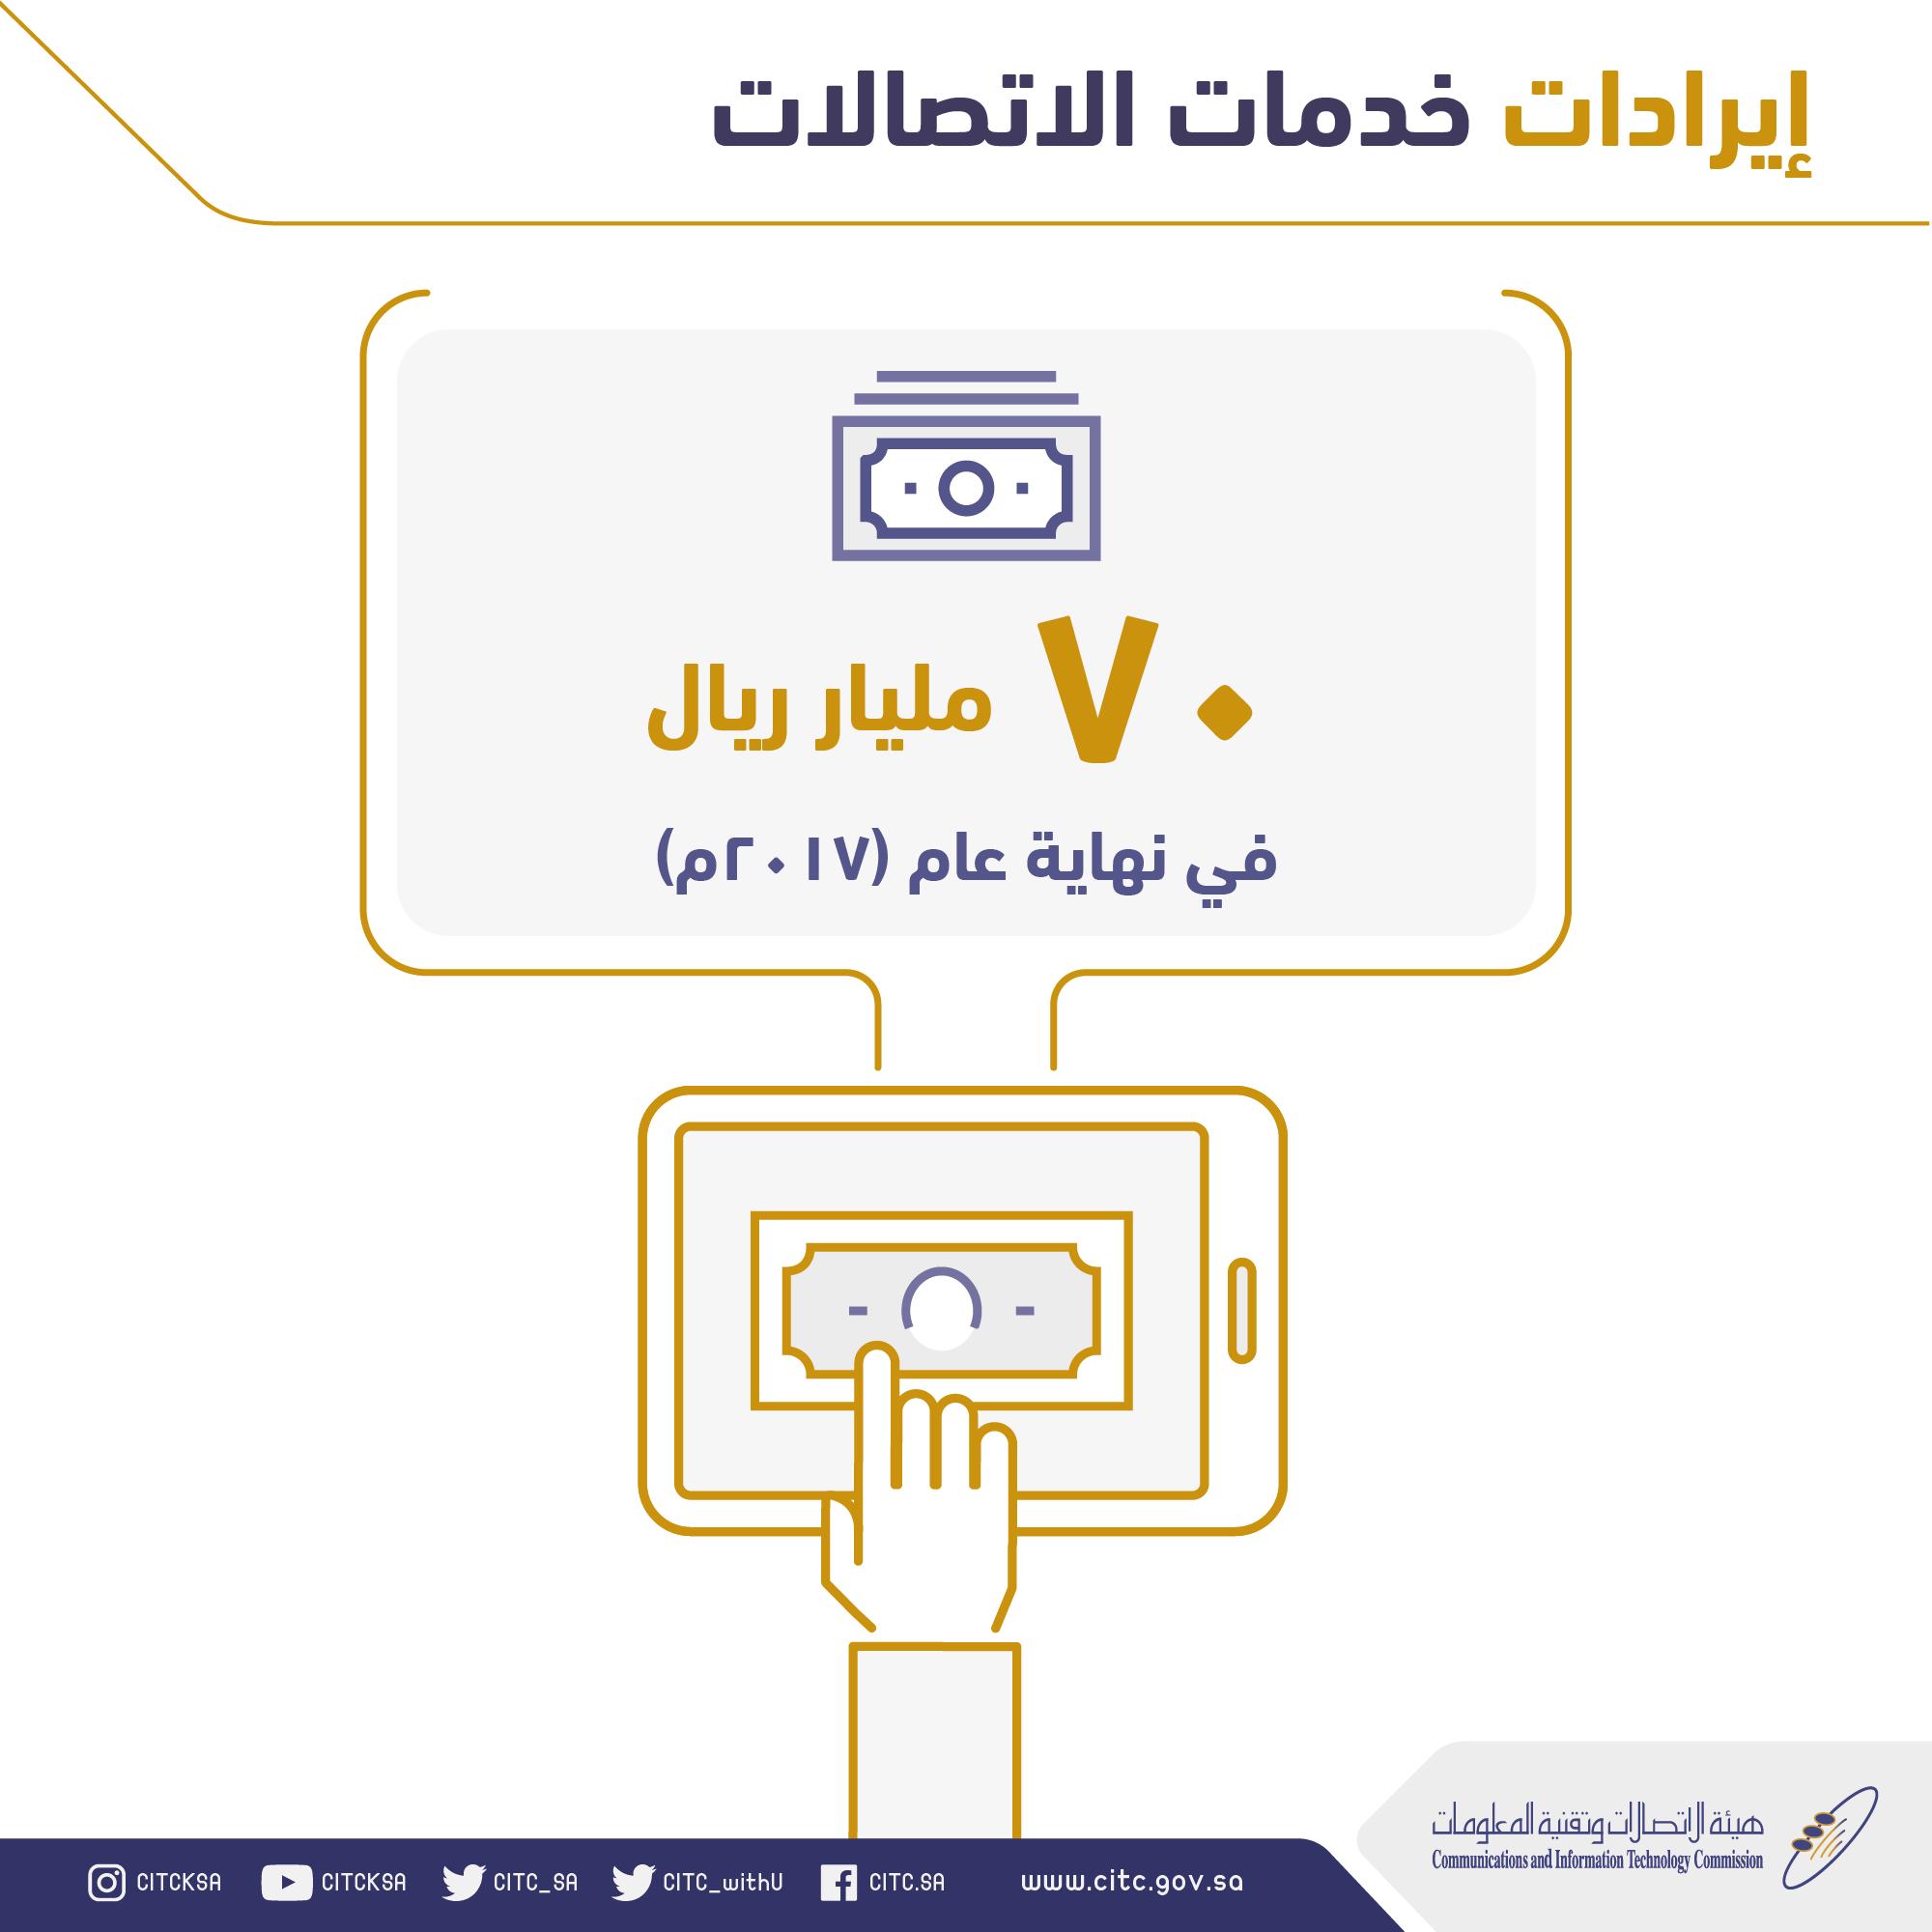 إيرادات خدمات الاتصالات